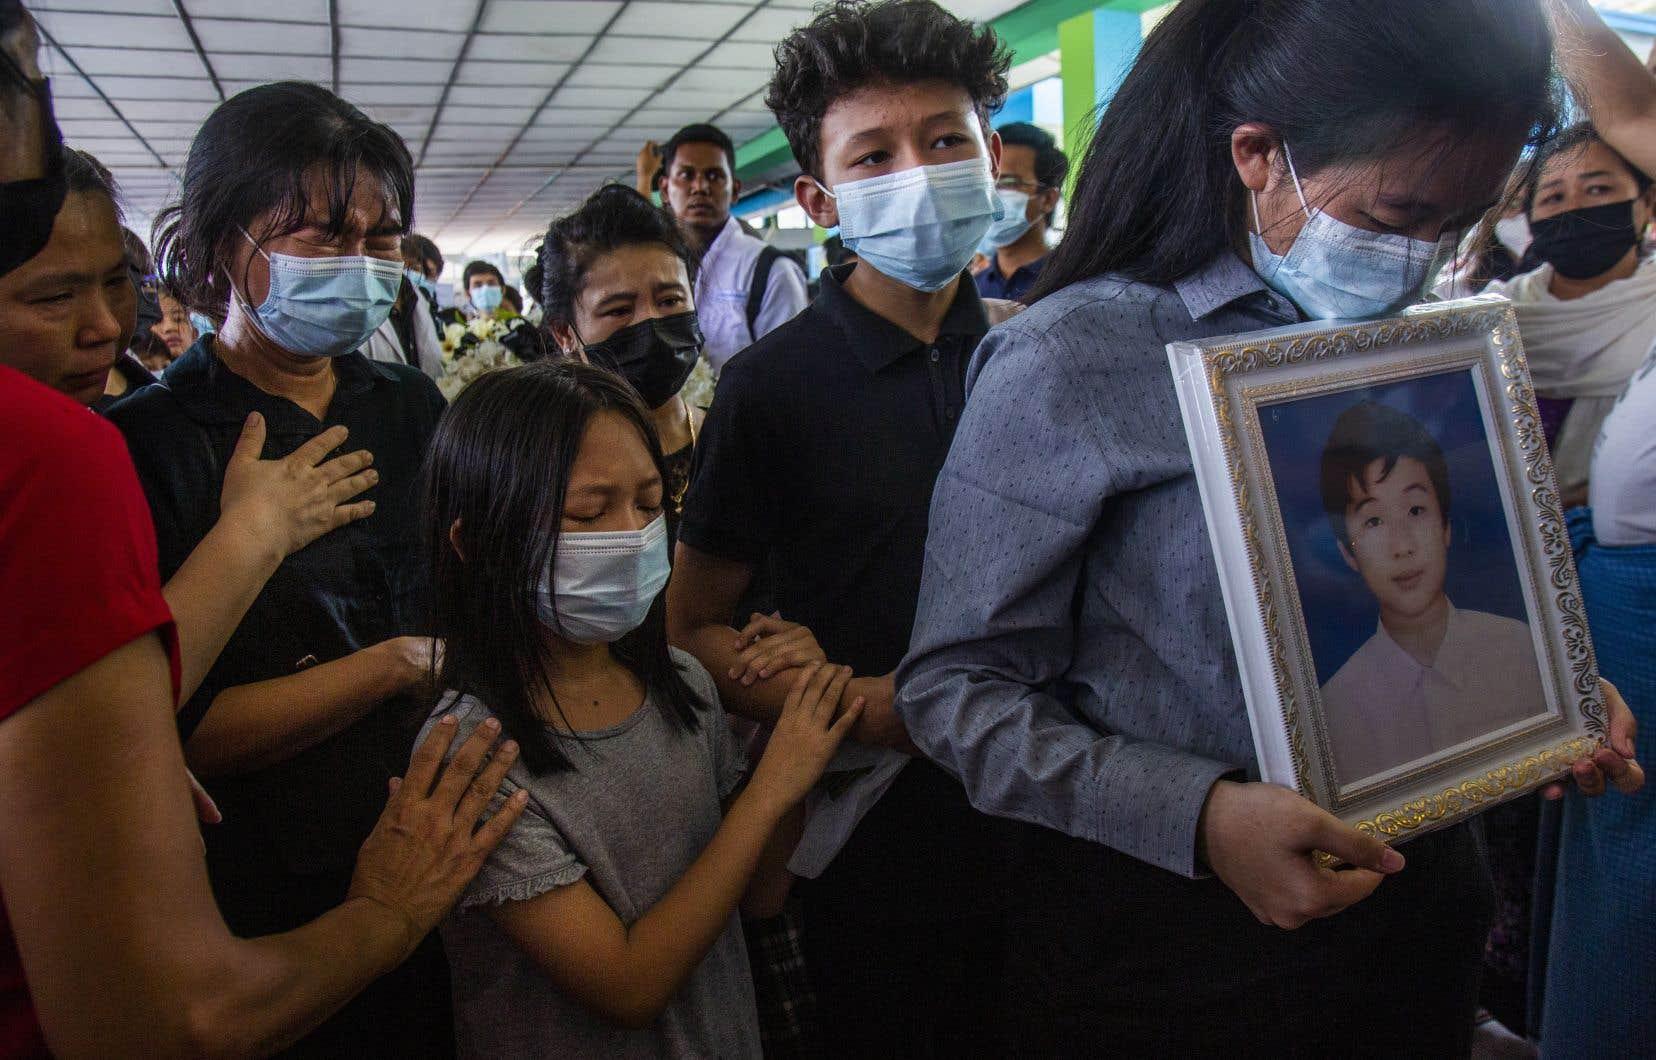 Plusieurs anciens camarades de classe de Khant Nyar Hein, un étudiant en médecine de 18ans tombé dimanche sous les balles des forces de sécurité, ont pris part à ses funérailles, mardi, à Rangoun. La journée de dimanche a été la plus sanglante au Myanmar depuis le coup d'État du 1erfévrier, avec 74 morts.